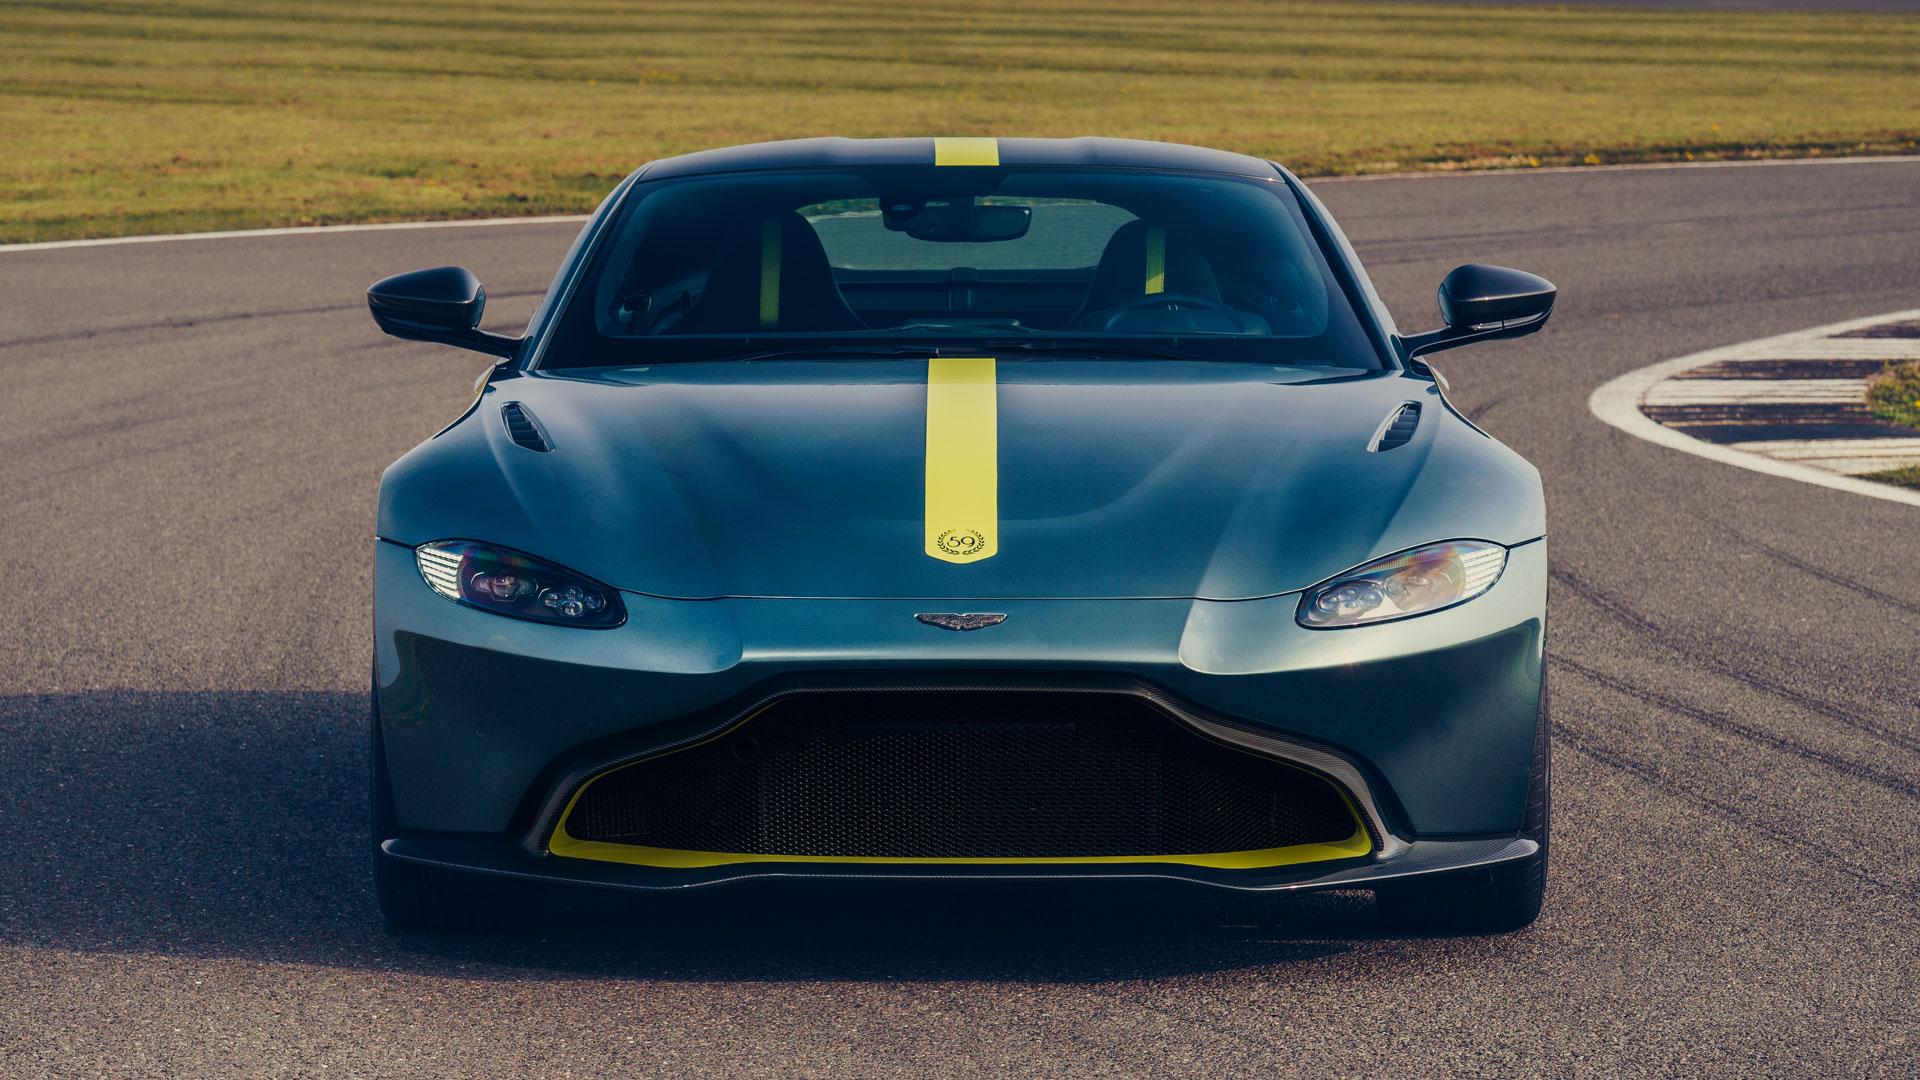 Aston Martin Vantage AMR 59